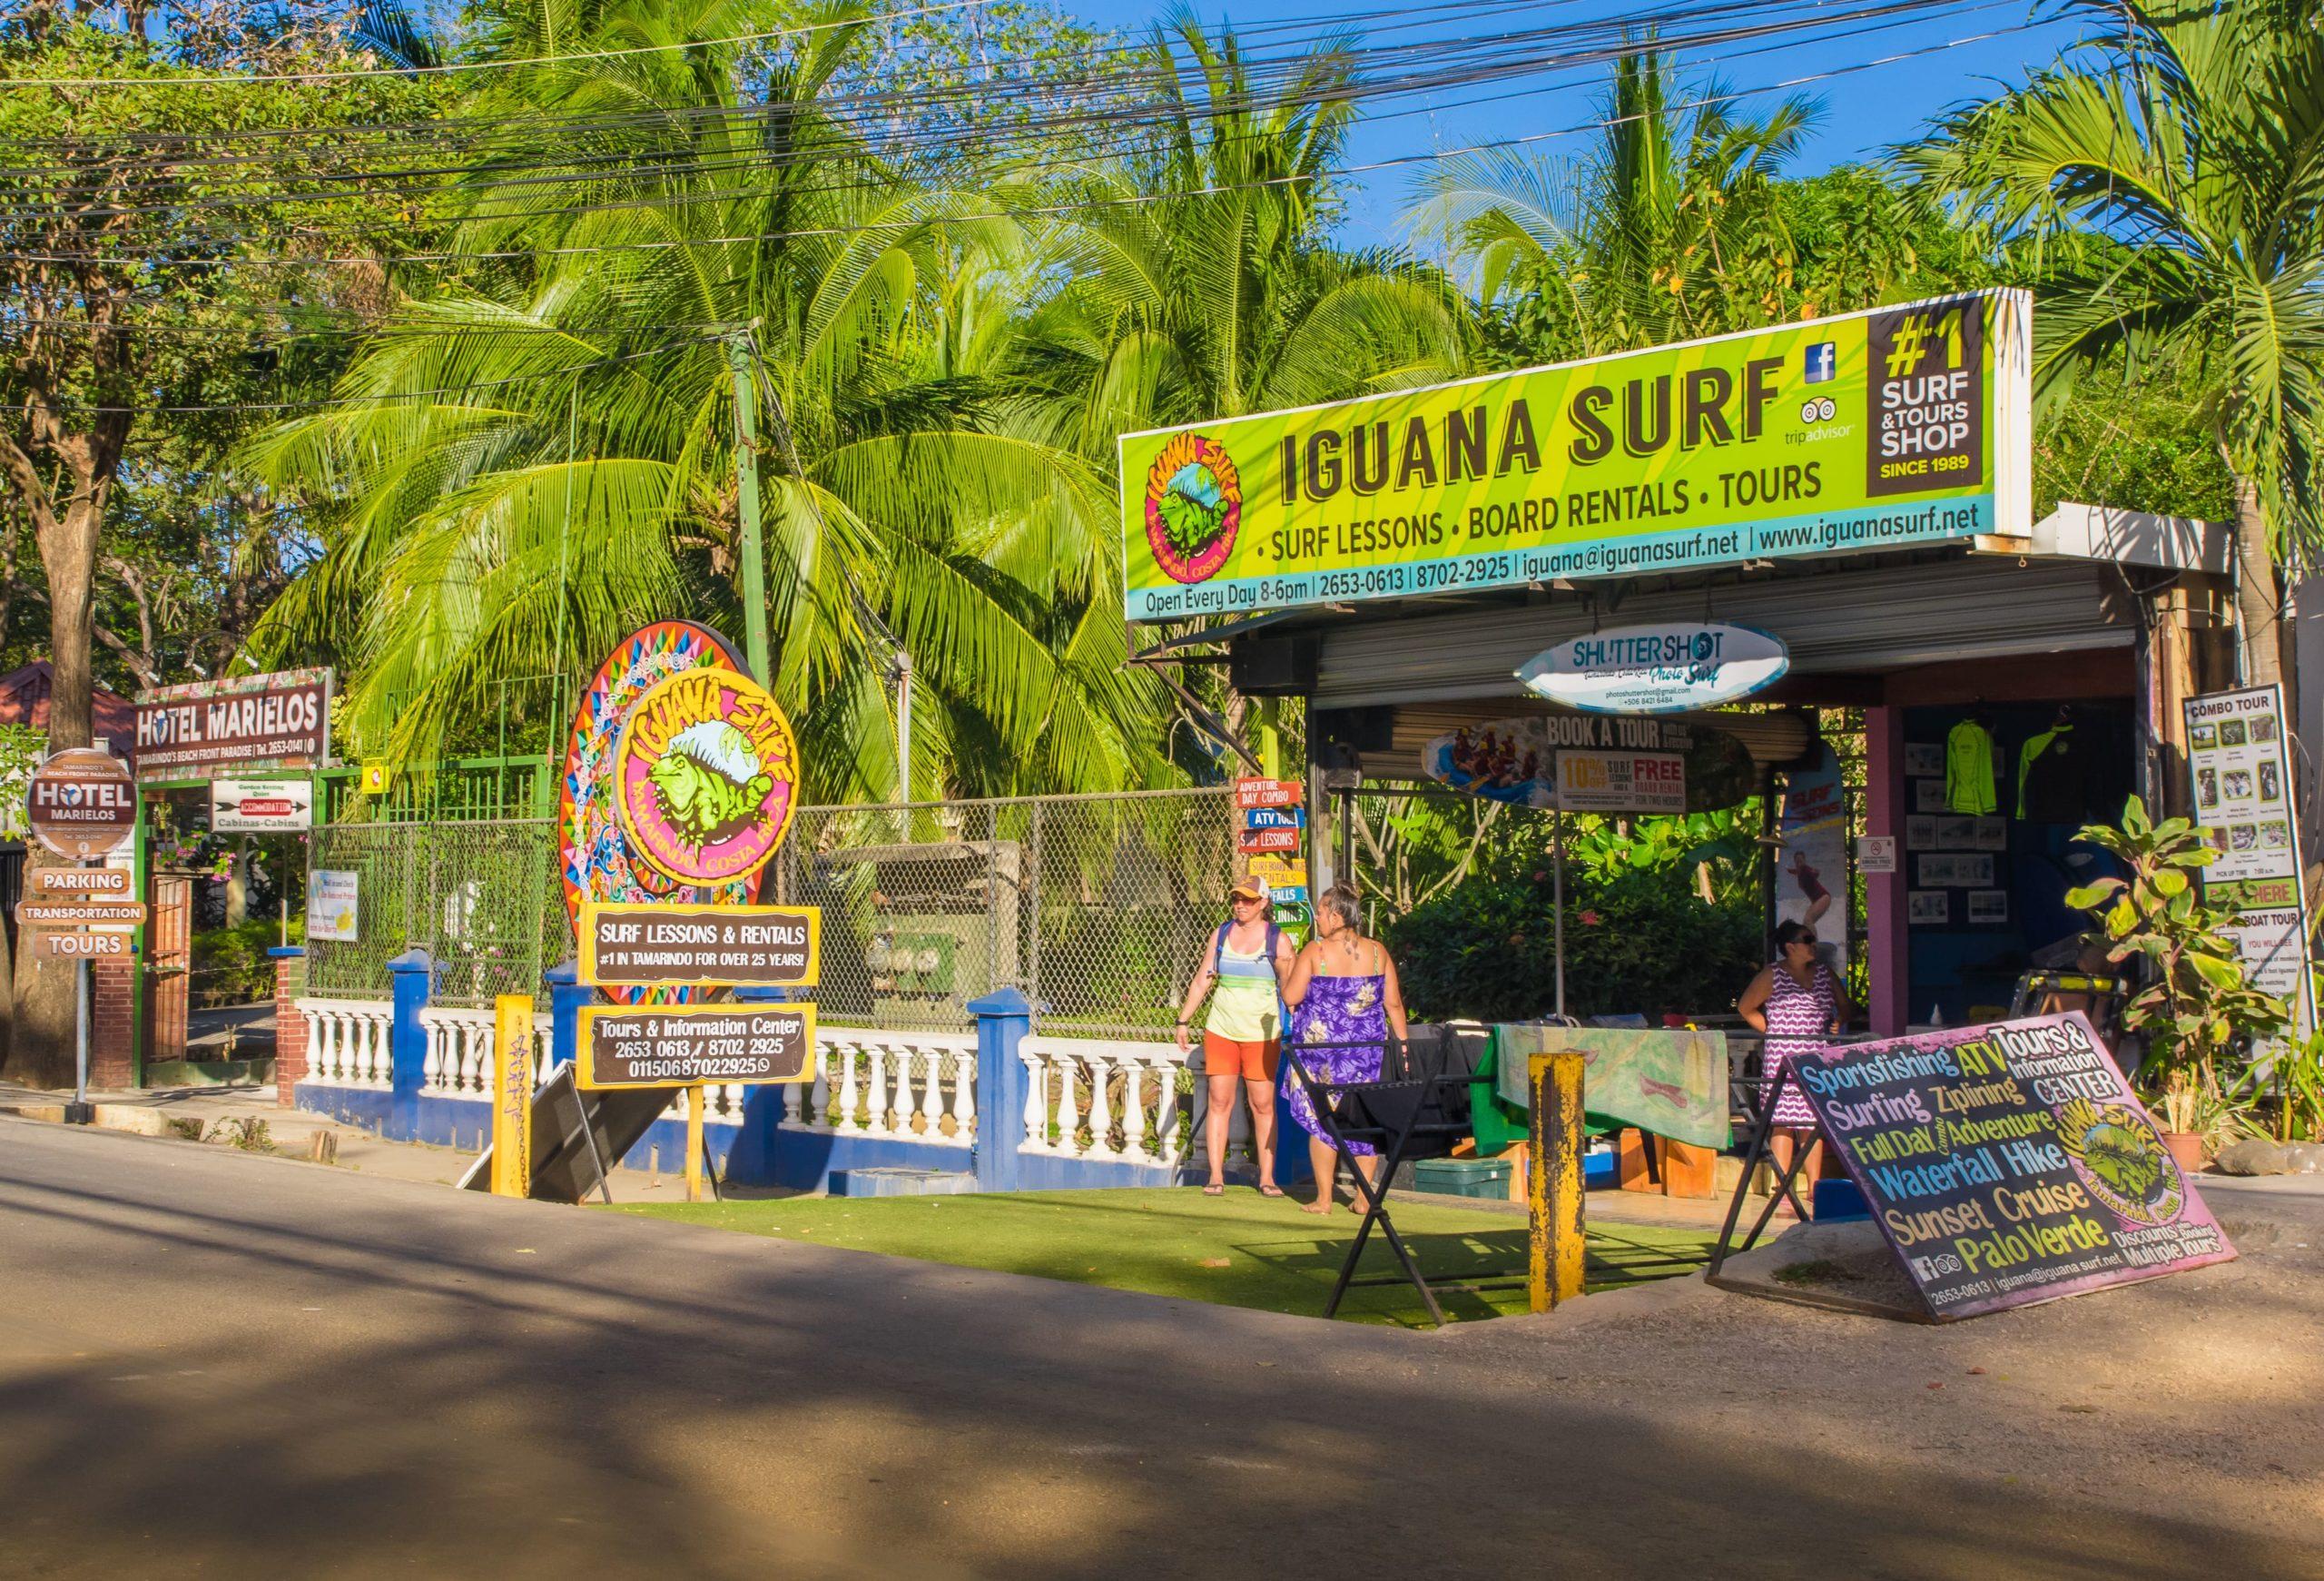 surfboard hire in Tamarindo